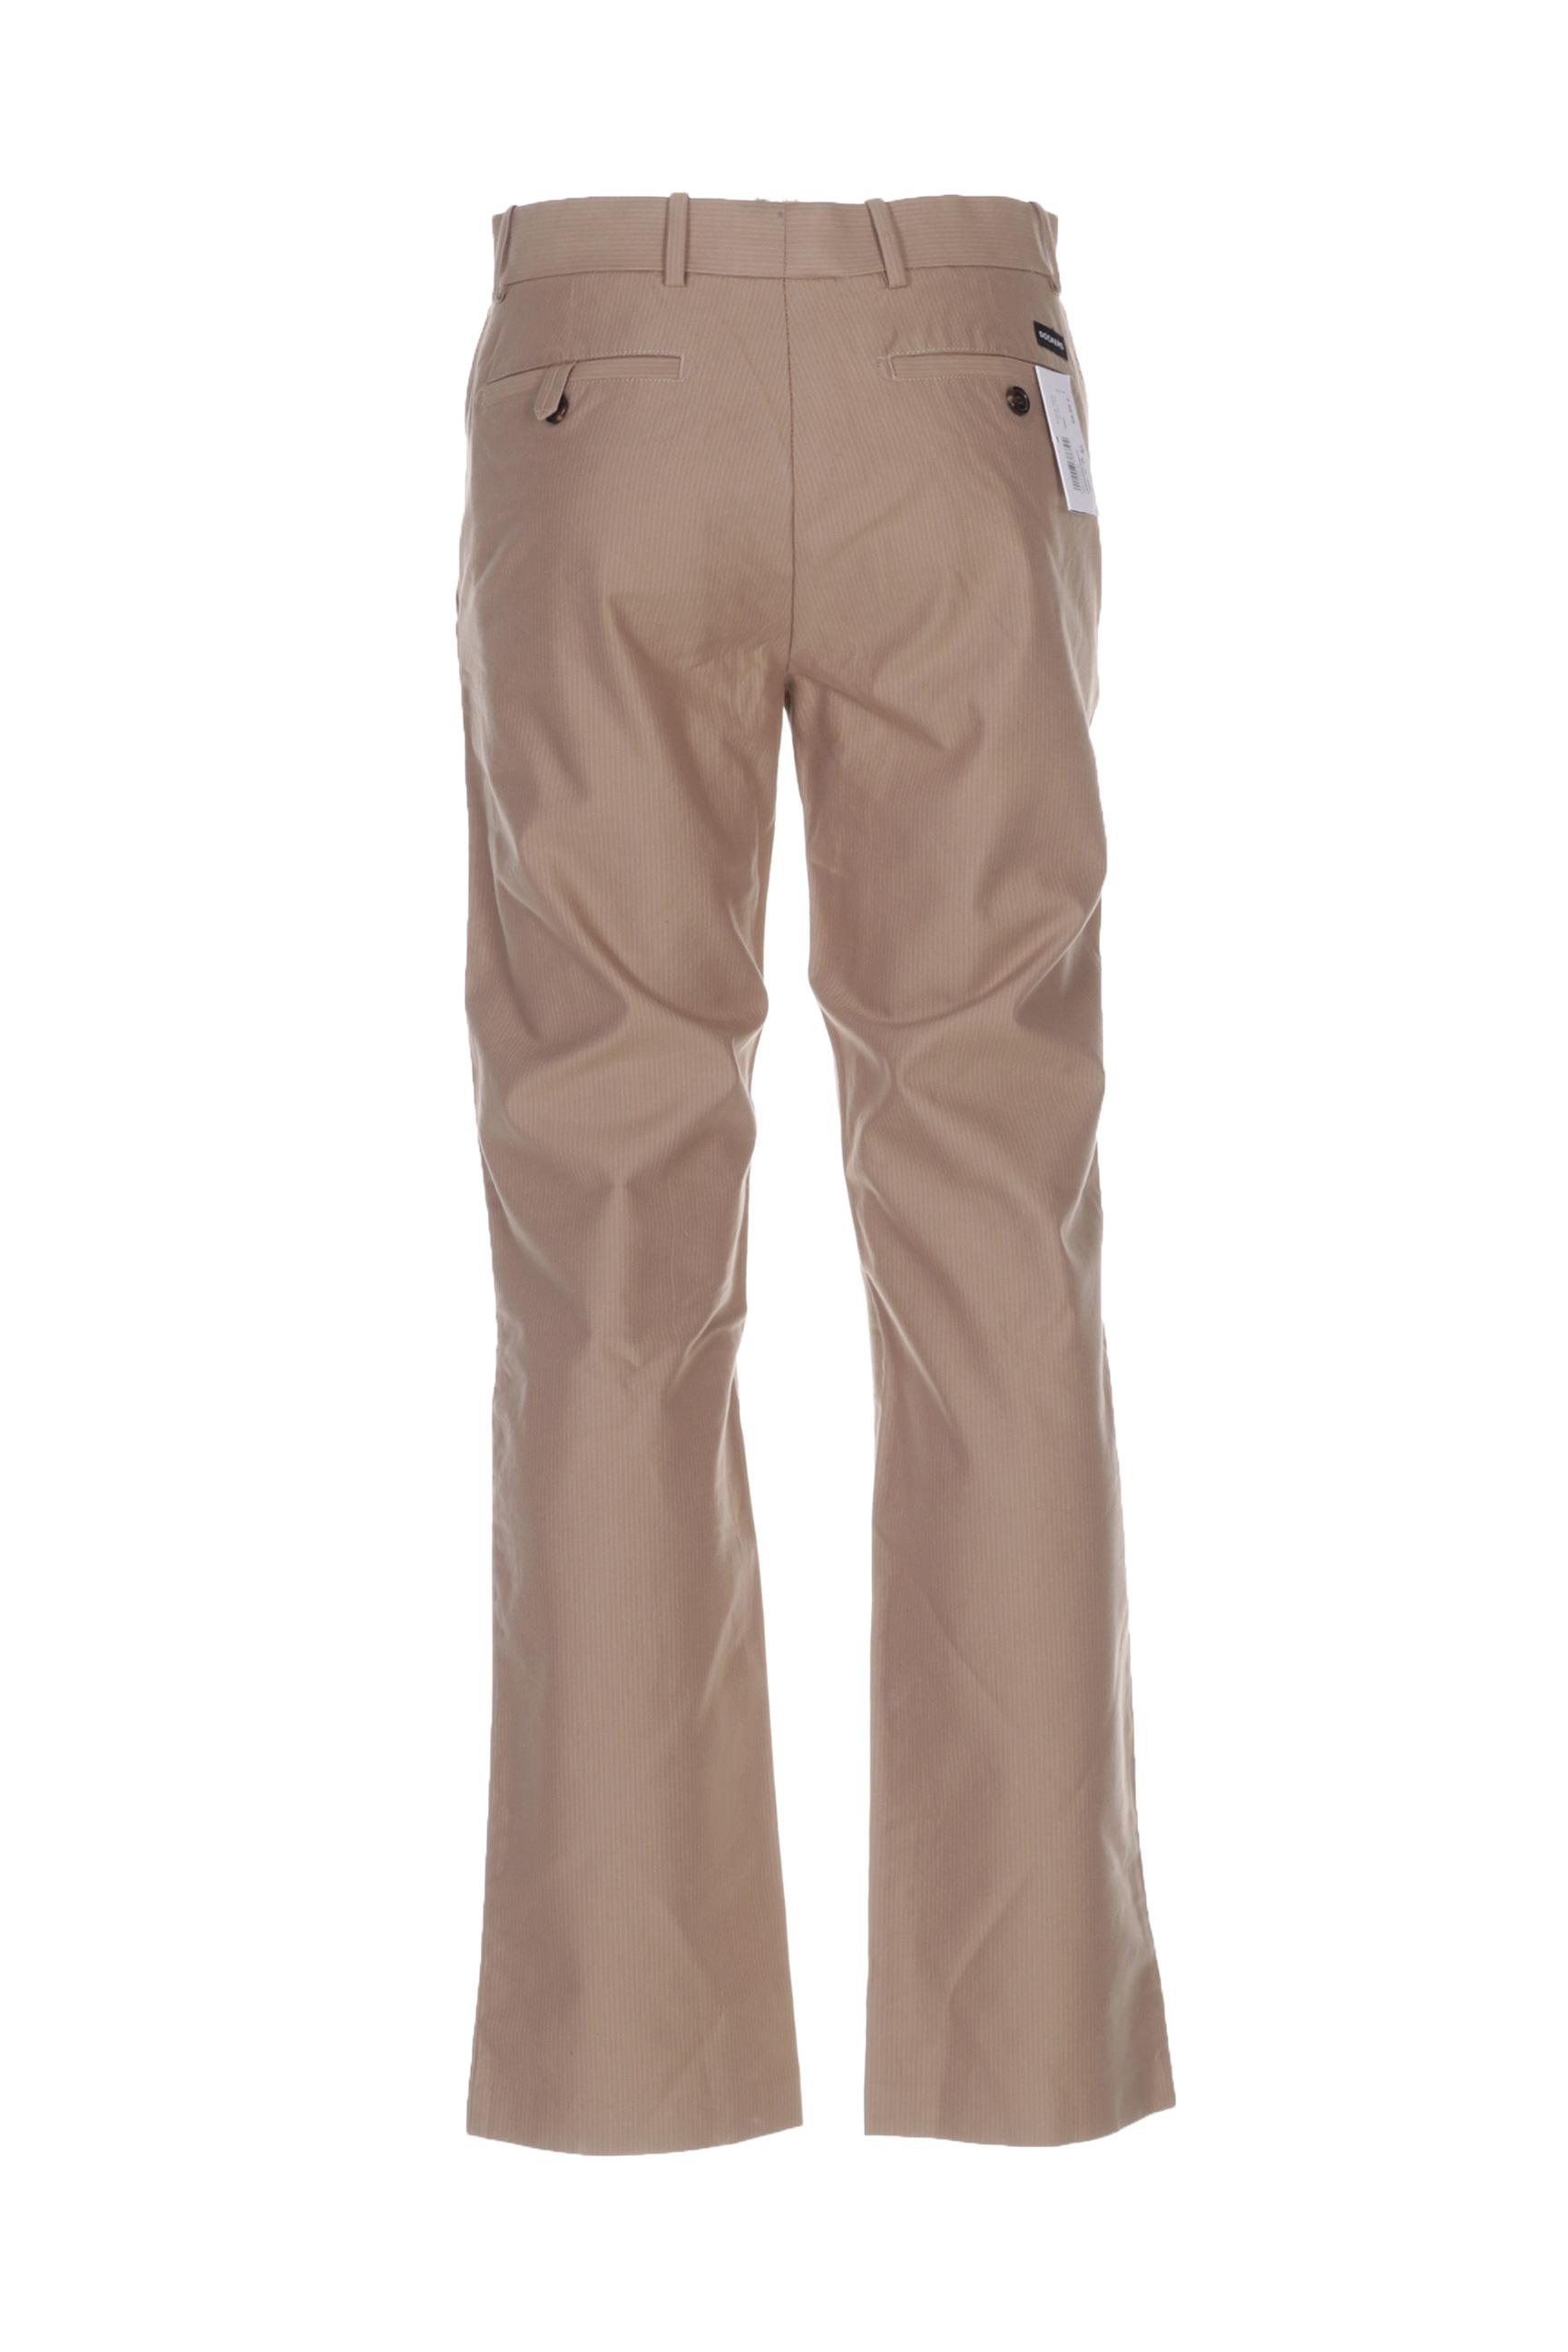 Dockers Pantalons Decontractes Homme De Couleur Beige En Soldes Pas Cher 1372946-beige0